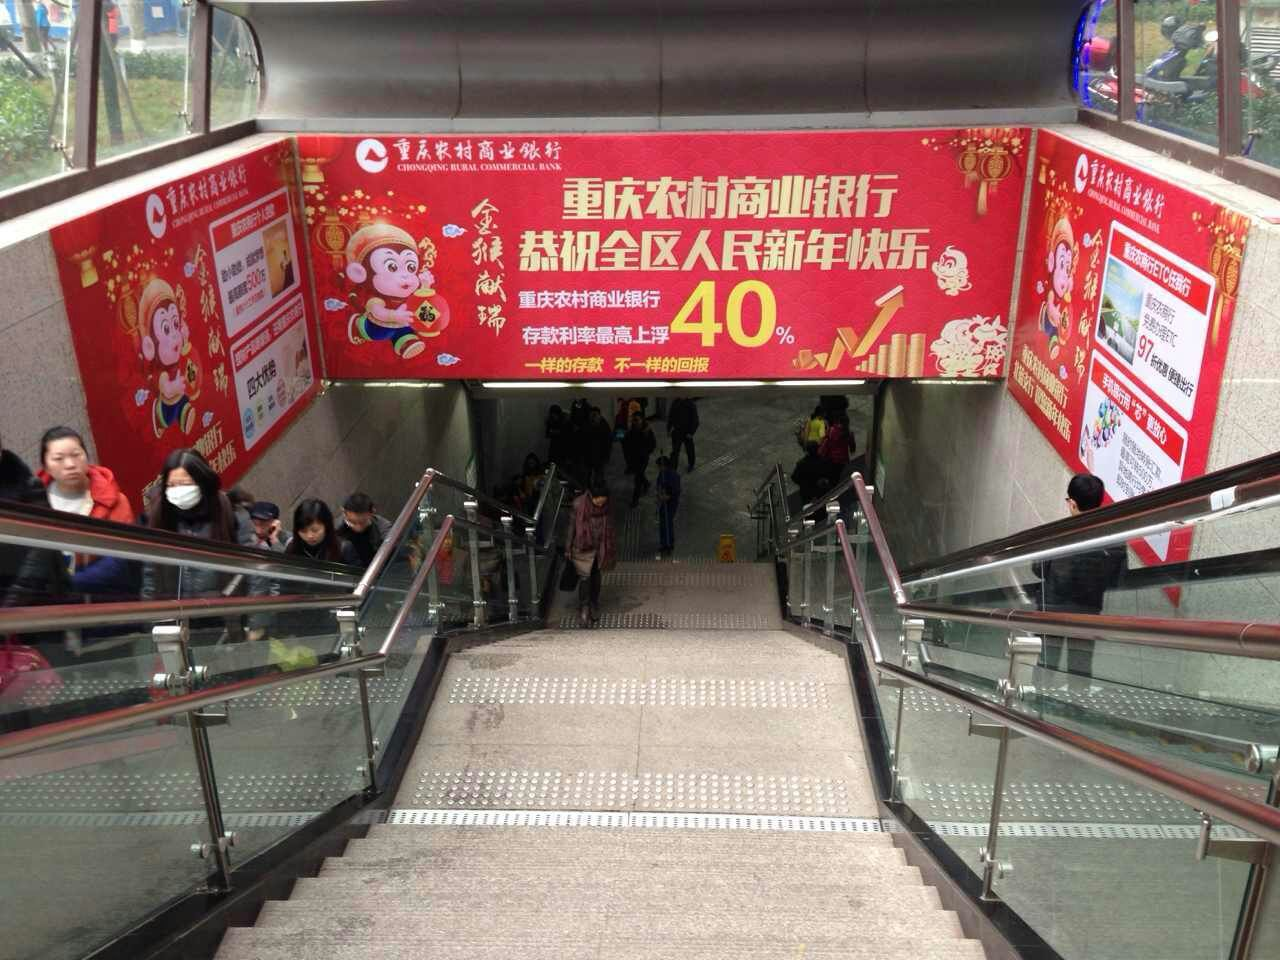 重庆市地铁6号线出口通道墙贴广告-易播网